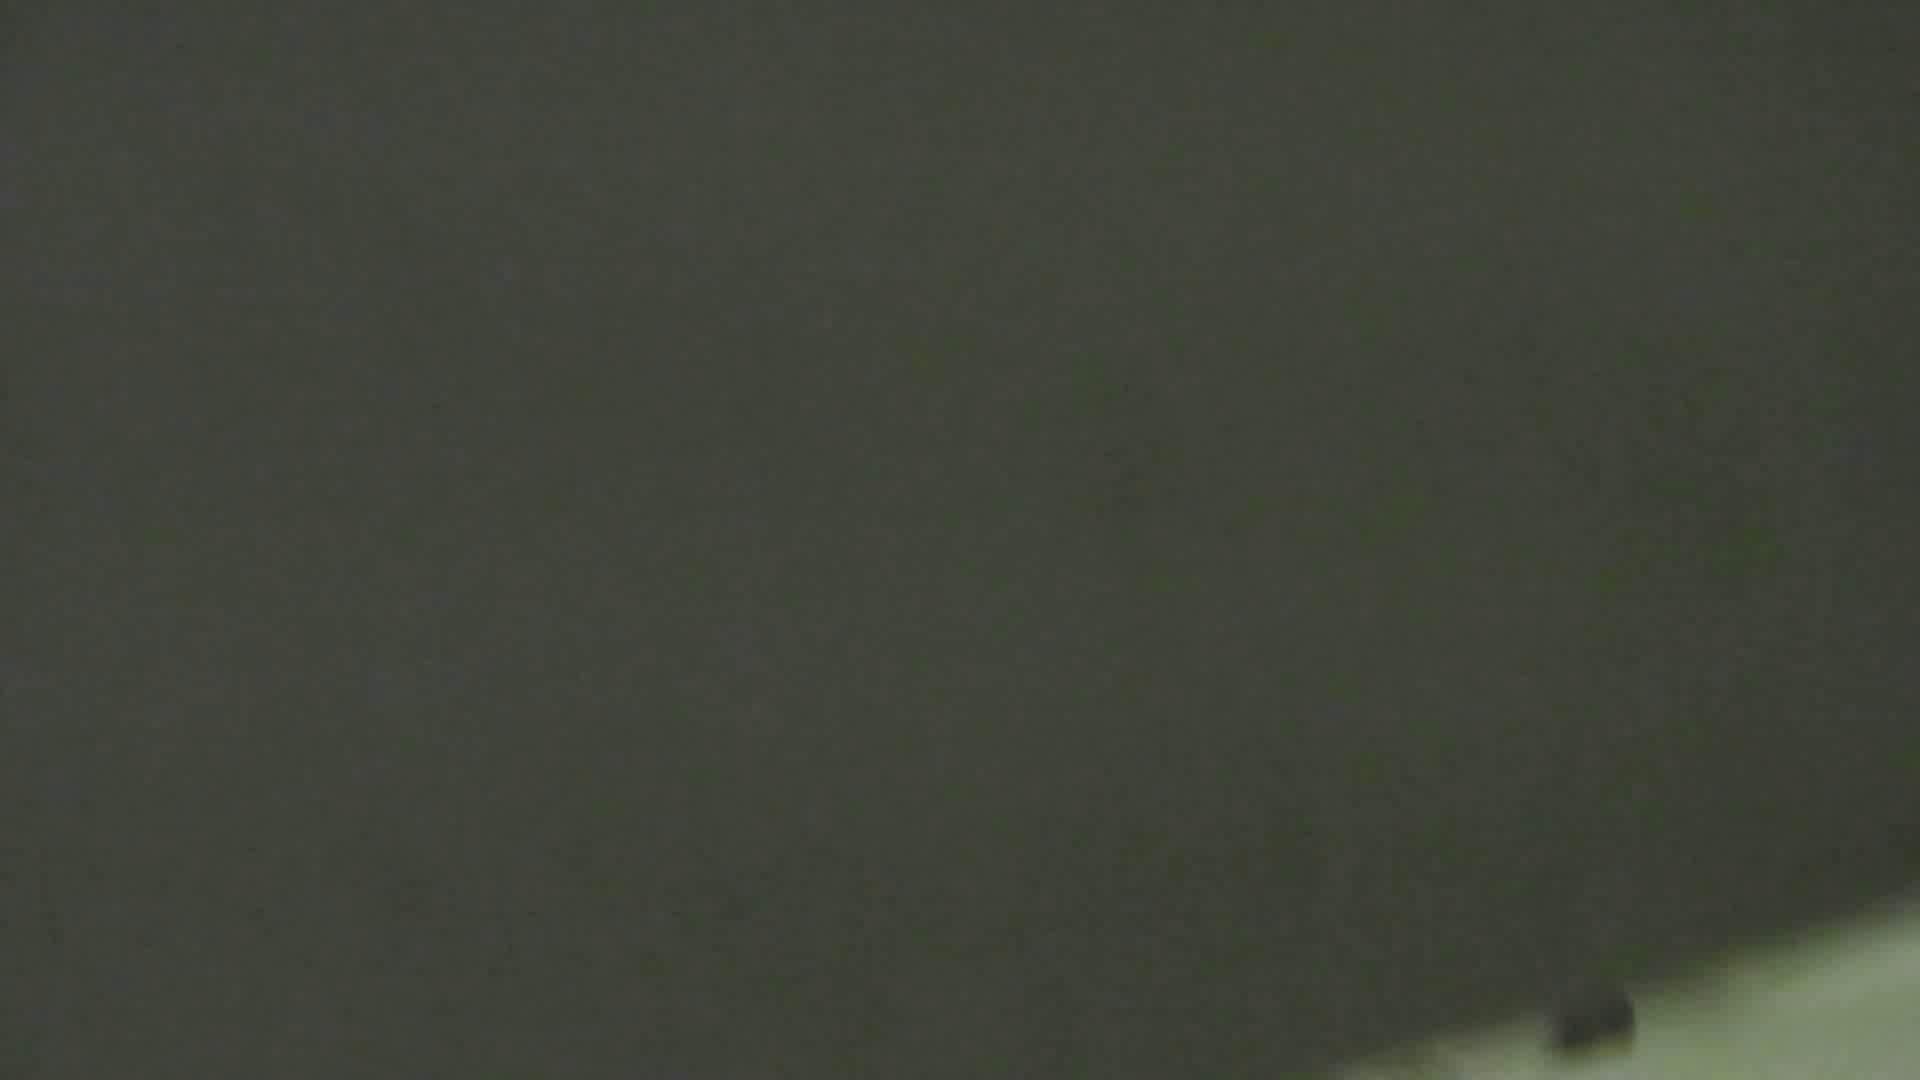 世界の射窓から vol.35 女厕偷拍, 美罗城 南宁国贸 洗面所のぞき オメコ動画キャプチャ 78枚 69